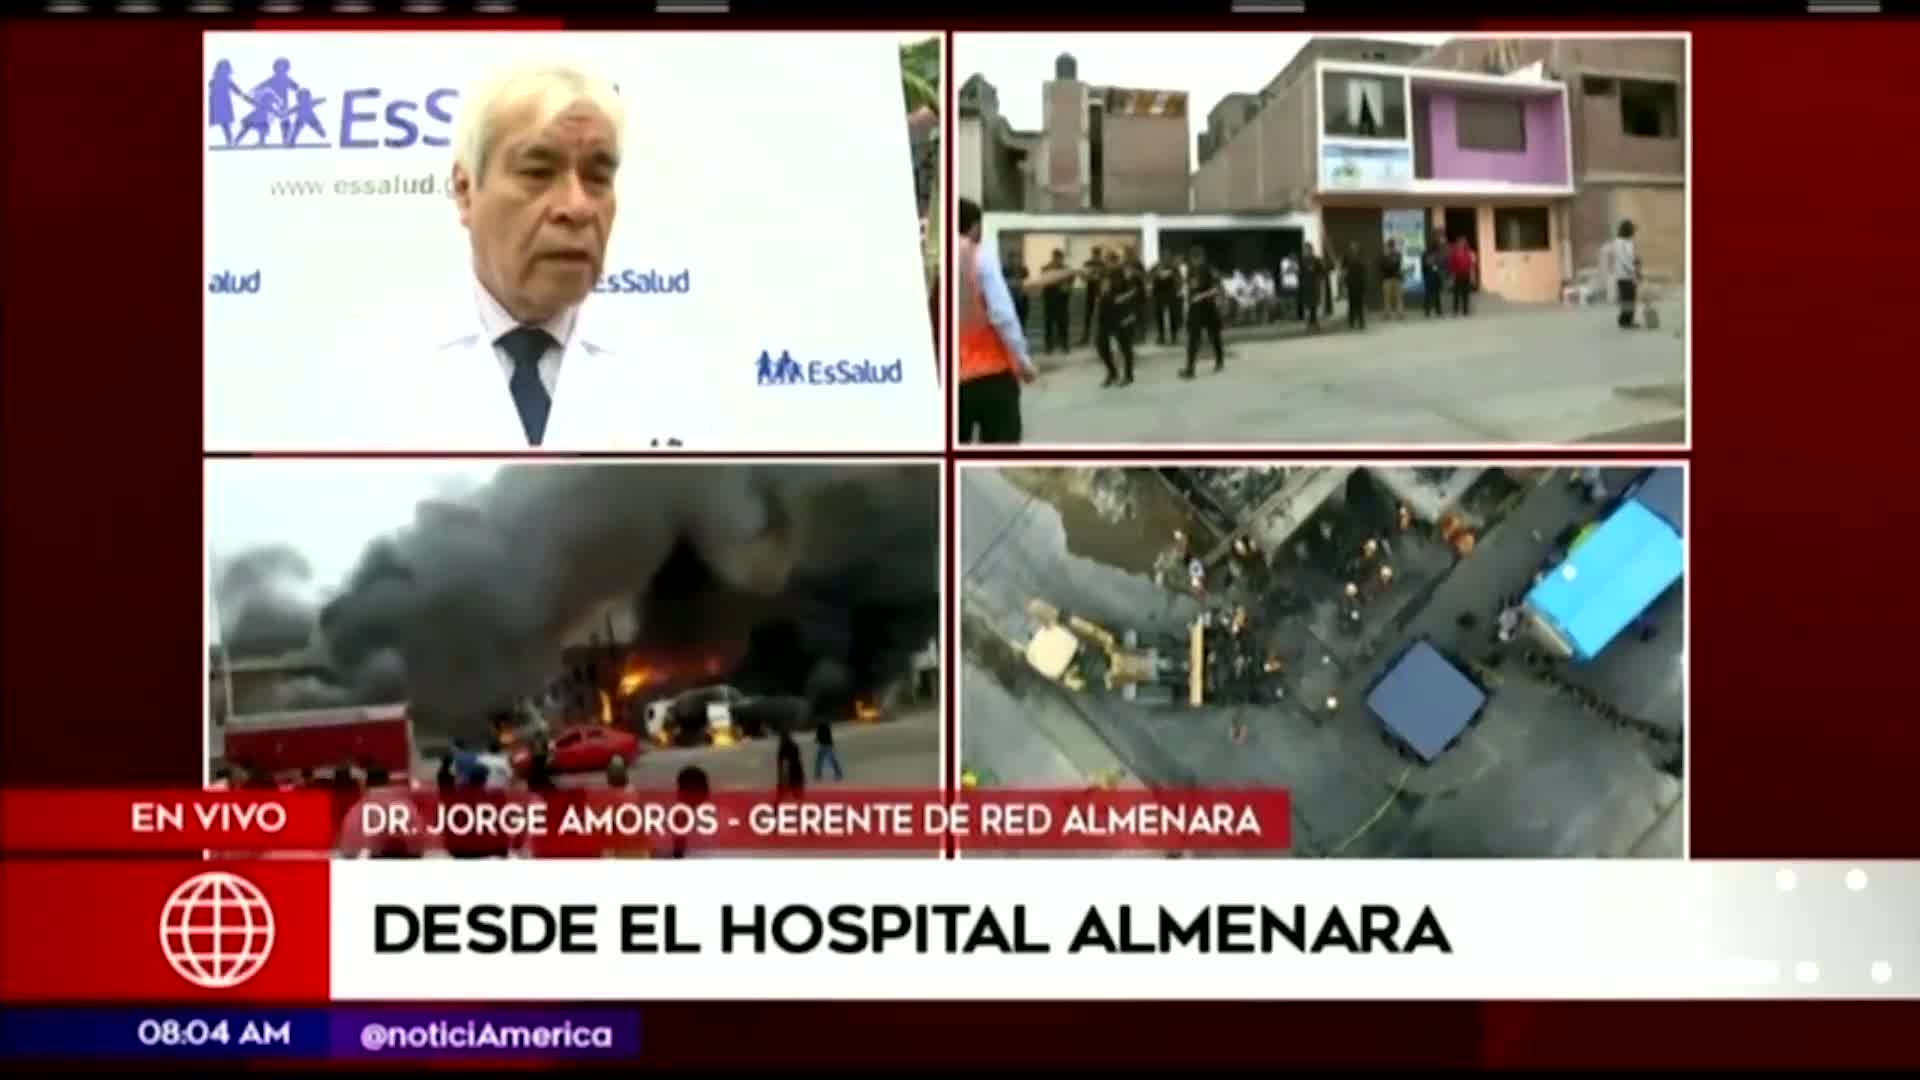 Tragedia en VES: se aumentó a ocho la cifra de personas fallecidas tras la explosión